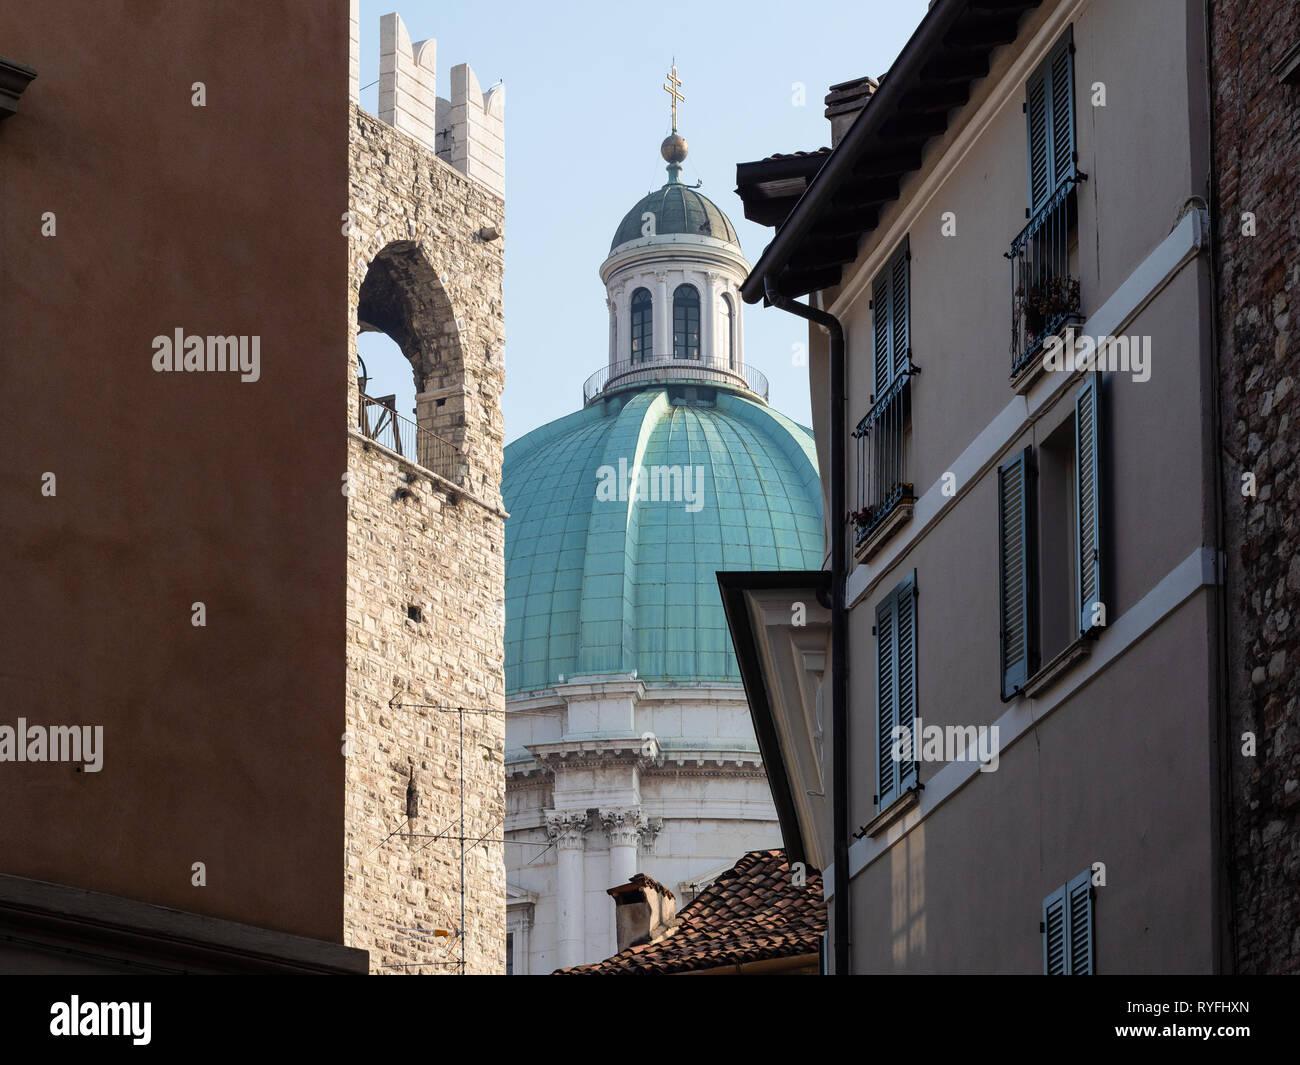 Viaggiare In Italia Vista Cupola Del Duomo Nuovo La Nuova